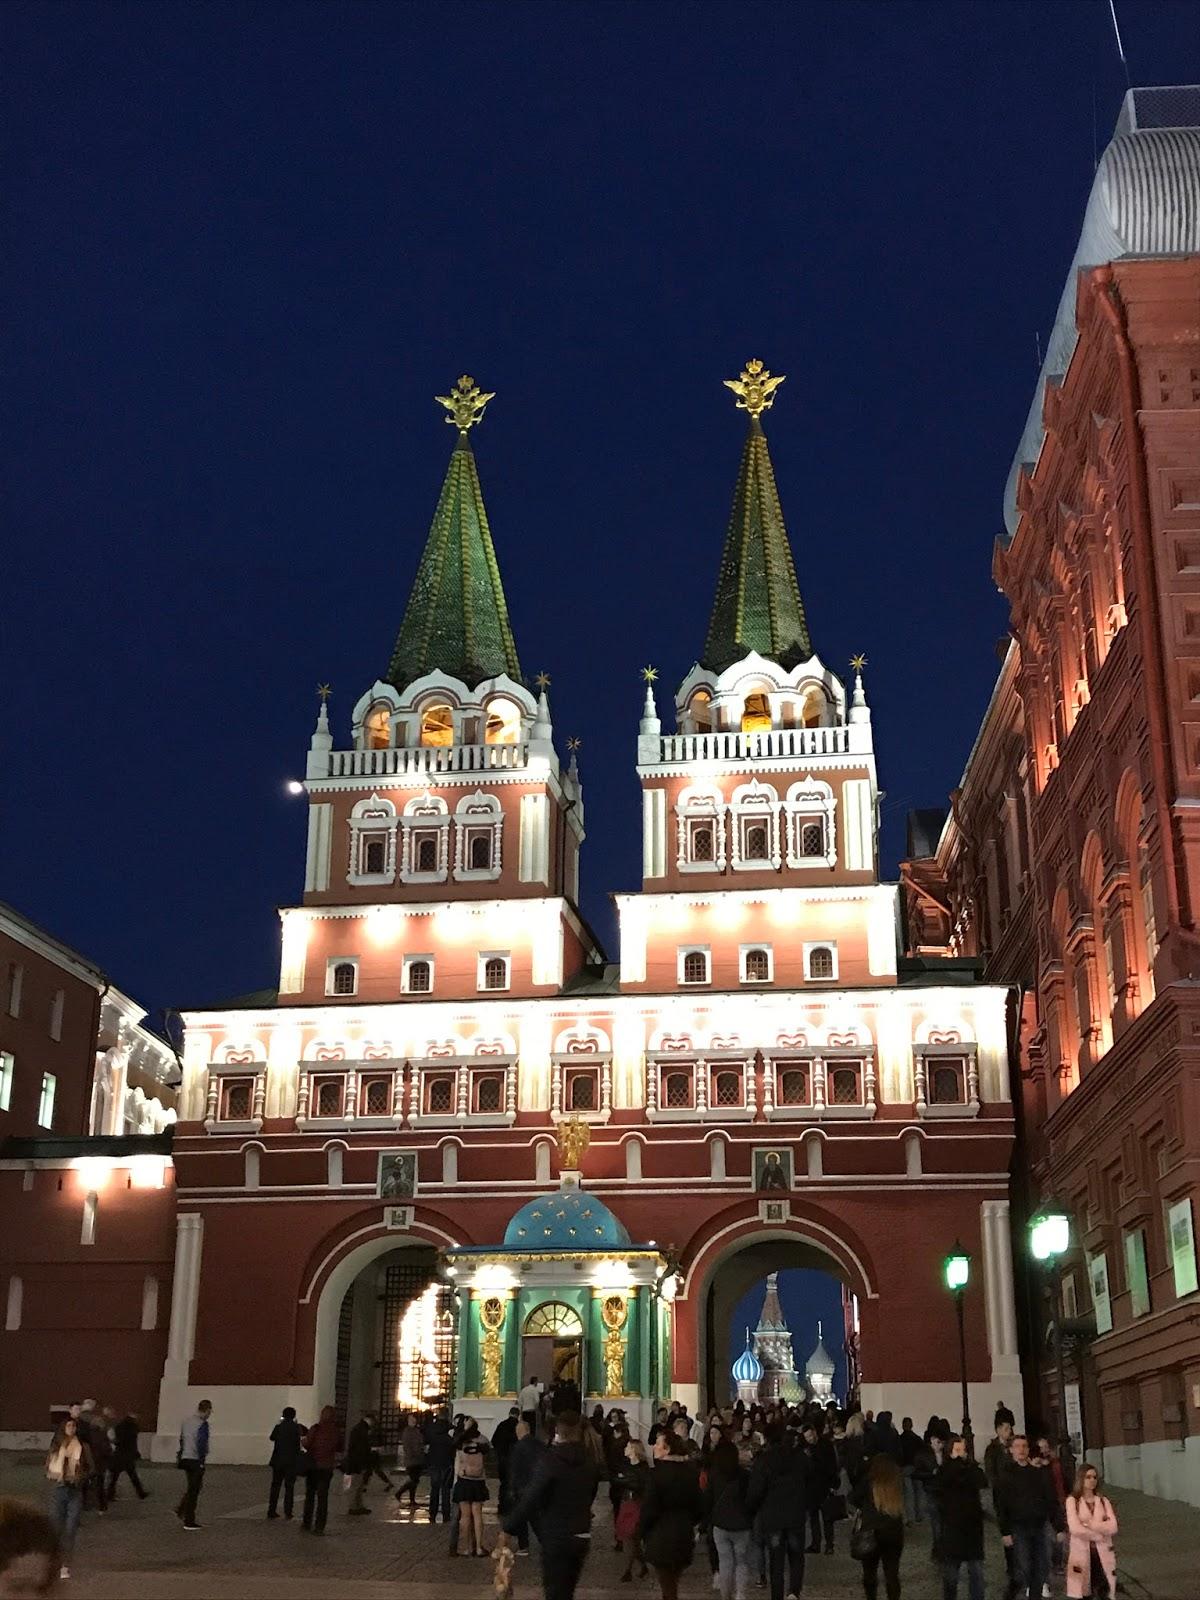 Porta da Ressurreição à noite - Moscou